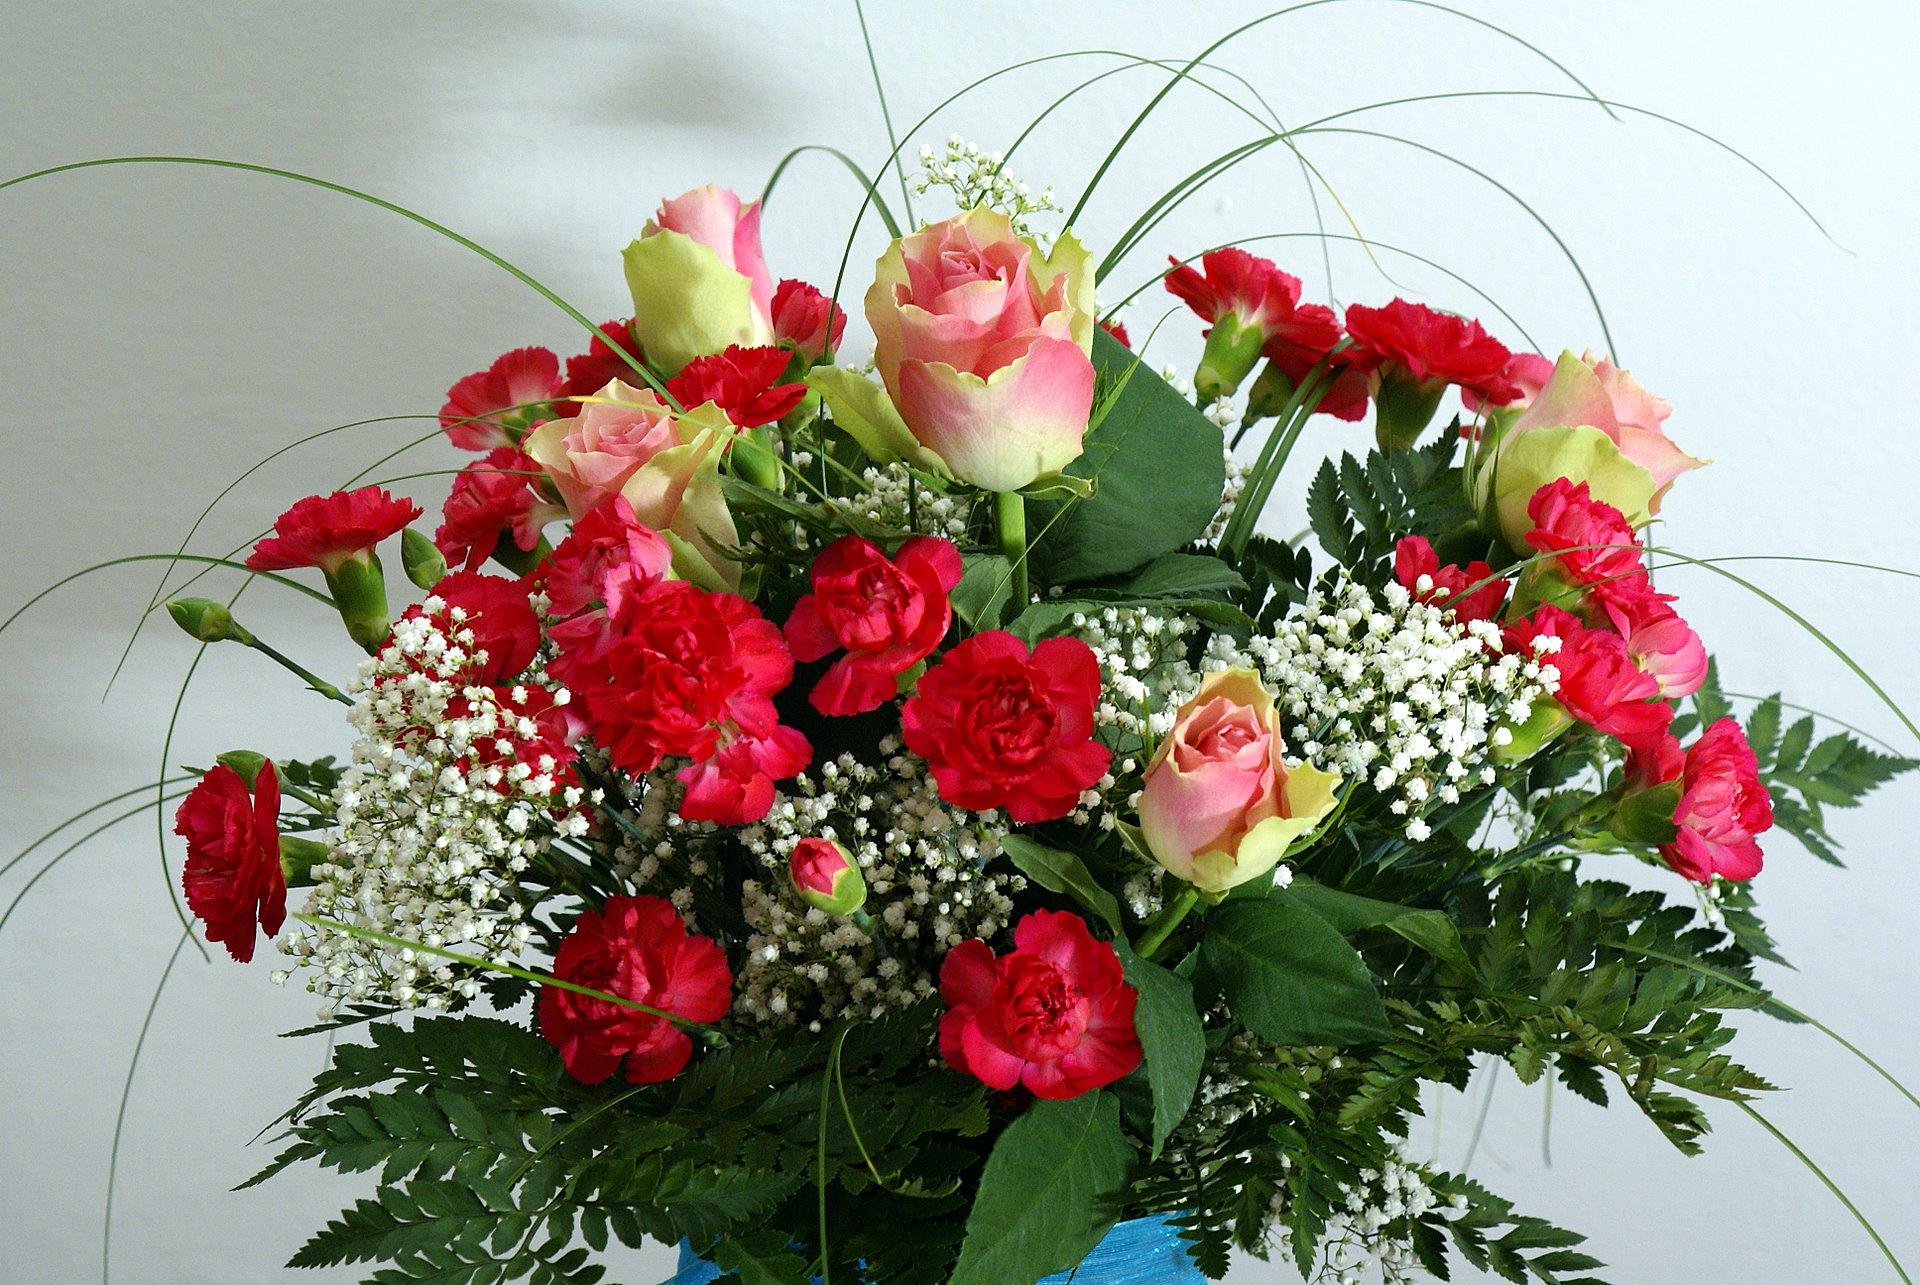 Oubli de l'Anif de Michelle 85-bouquetsdefleurs